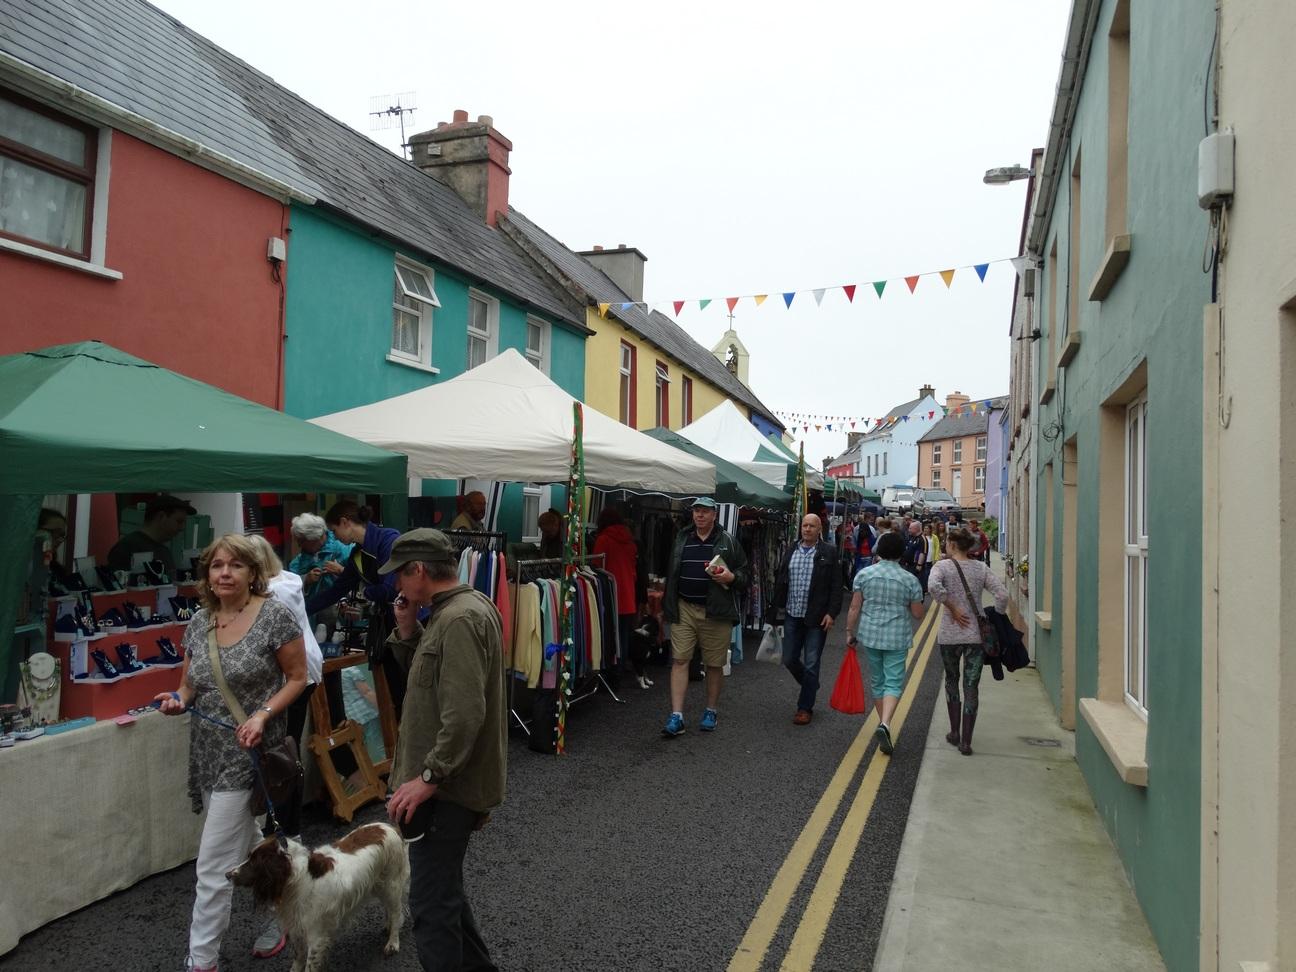 Eyeries Family Festival Market